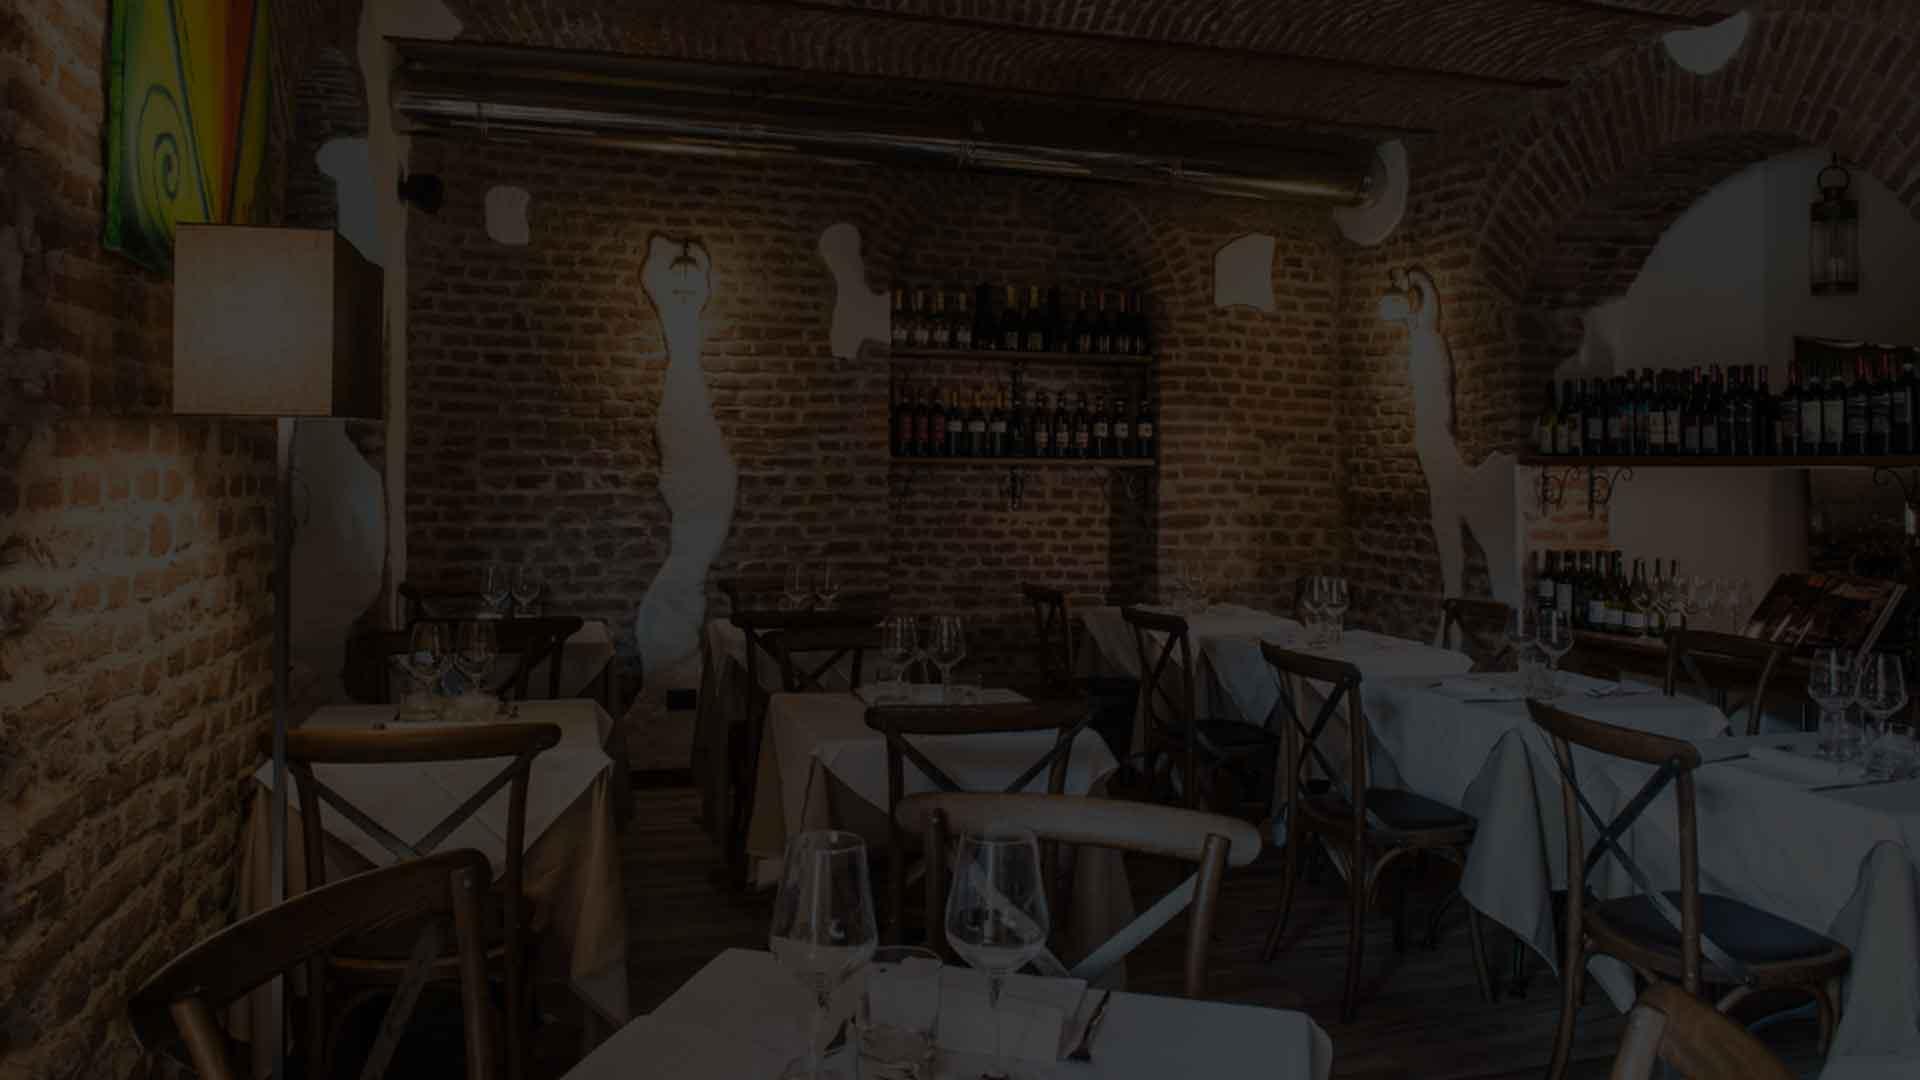 Osteria della Darsena ristorante navigli Milano e cocktails | Pranzo Cena cucina osteria Milano Navigli ristorante | Immagine slide 1